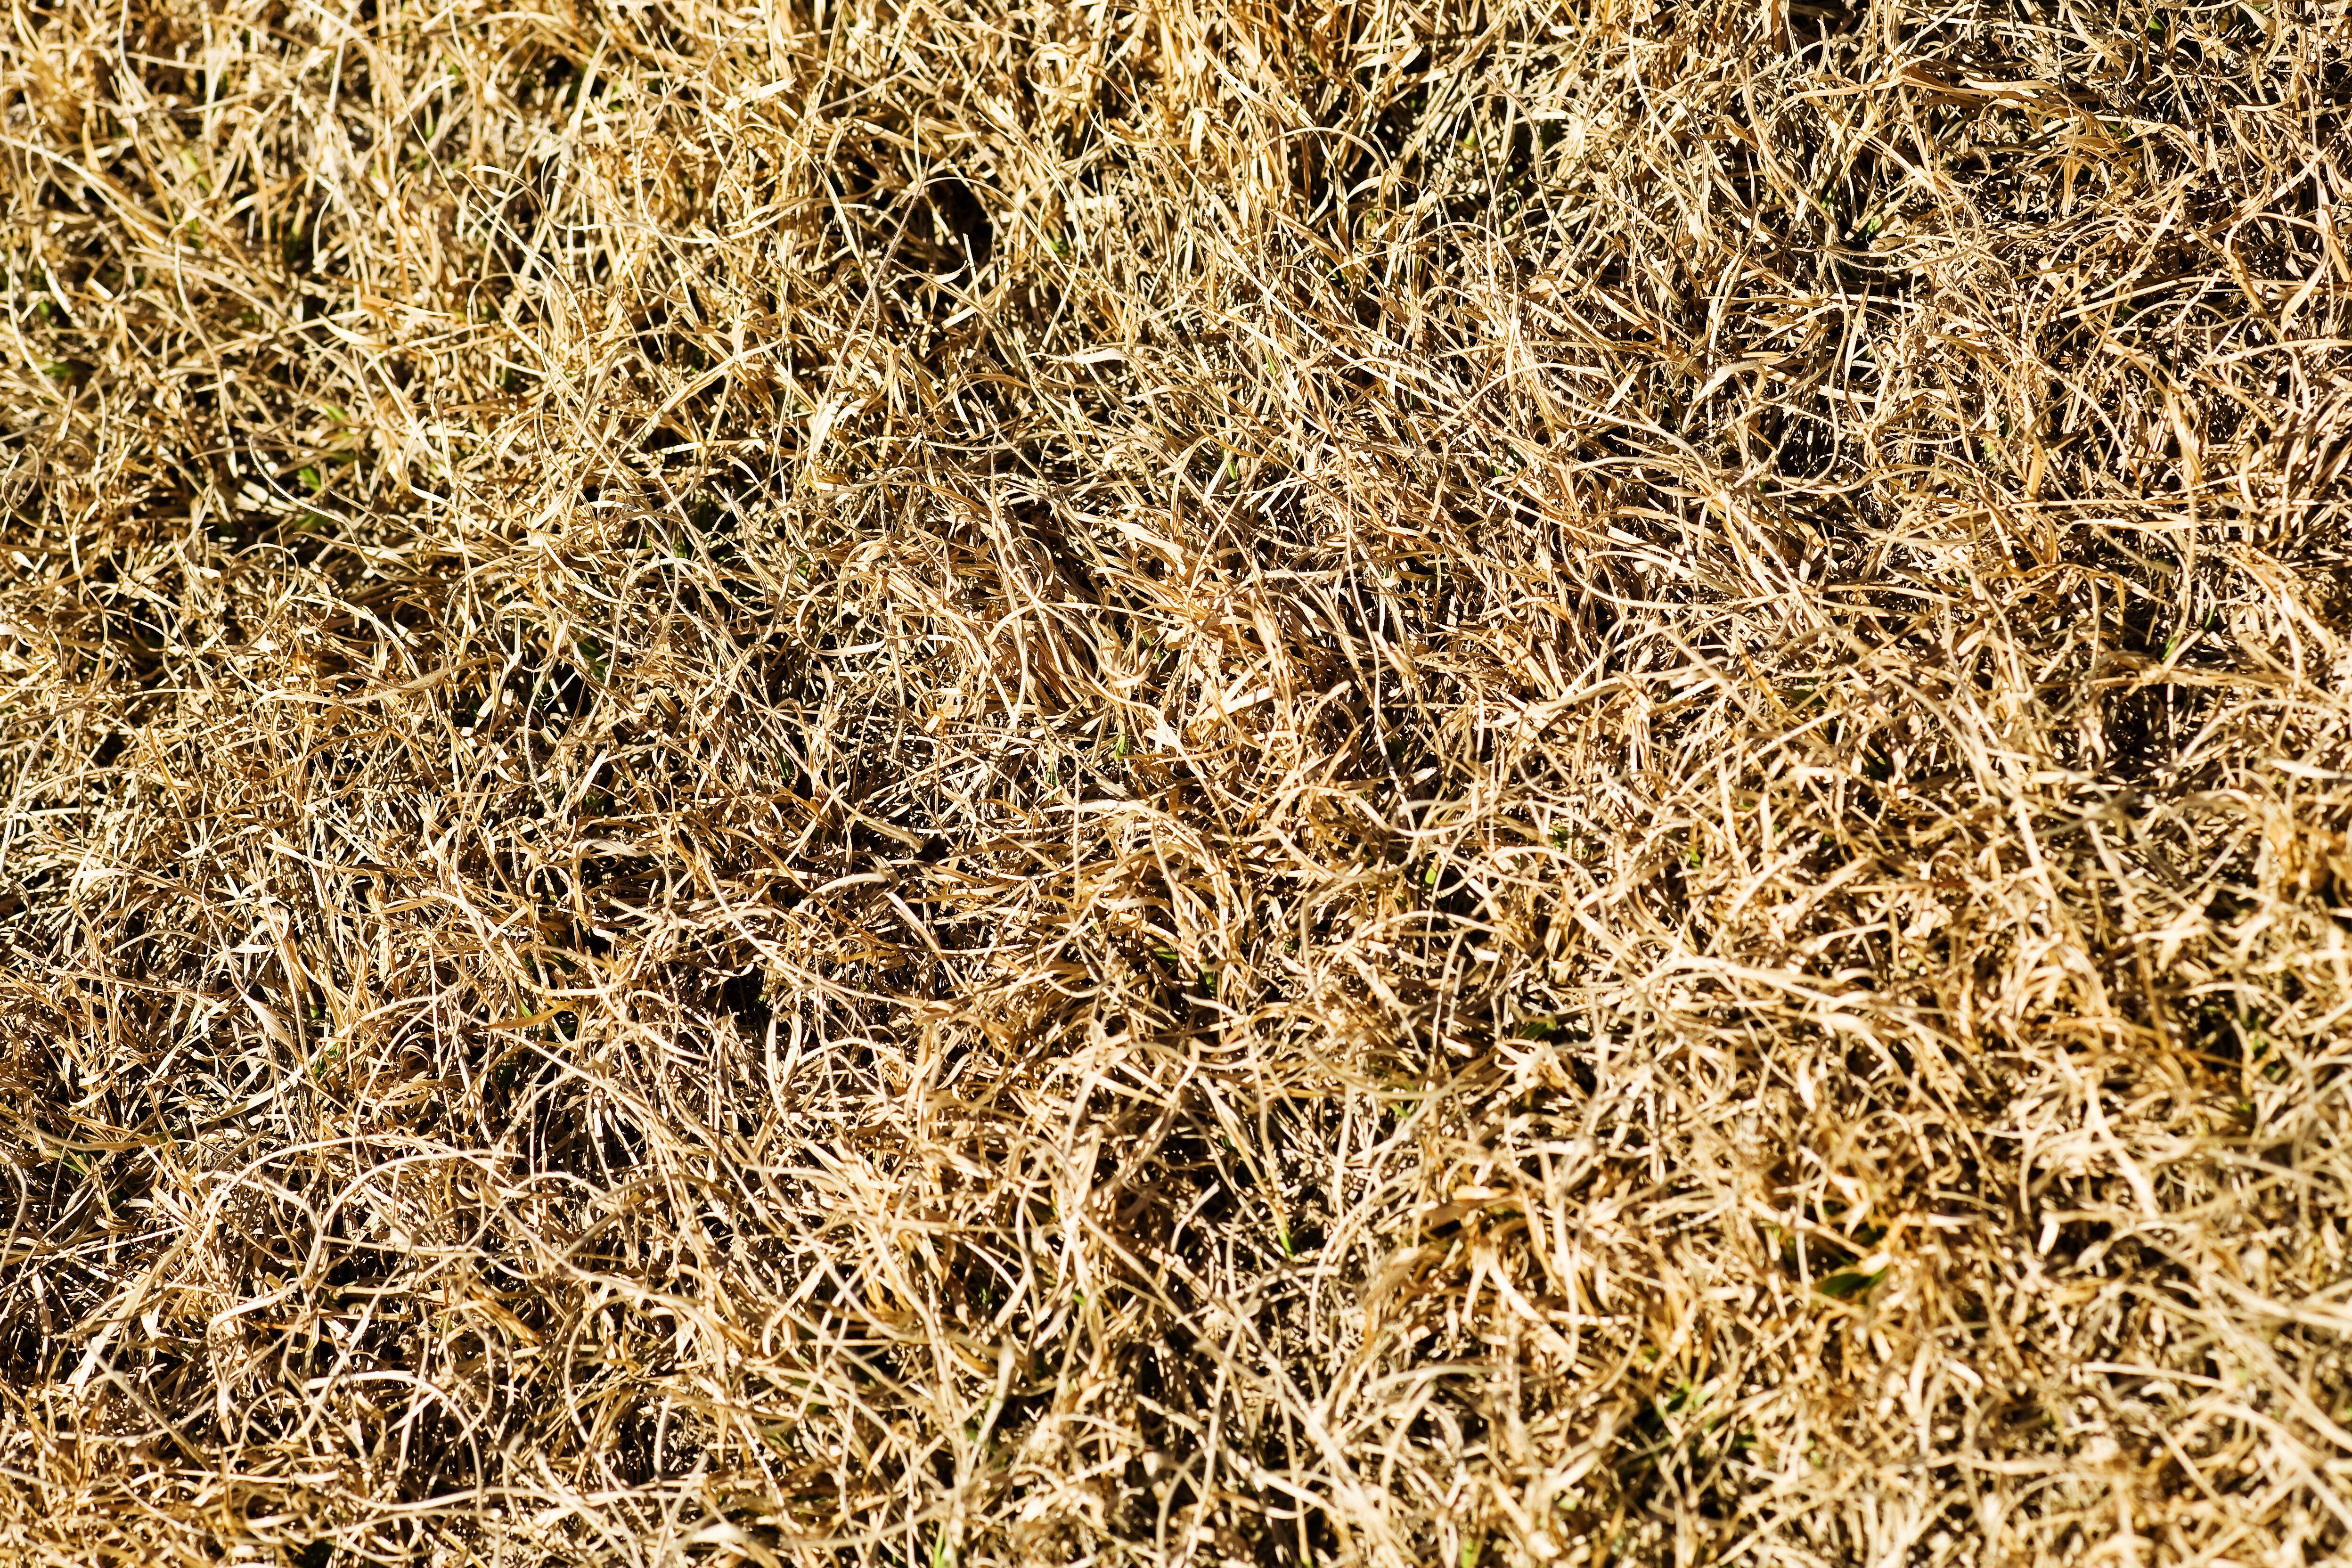 Lawn drought? Don't panic!